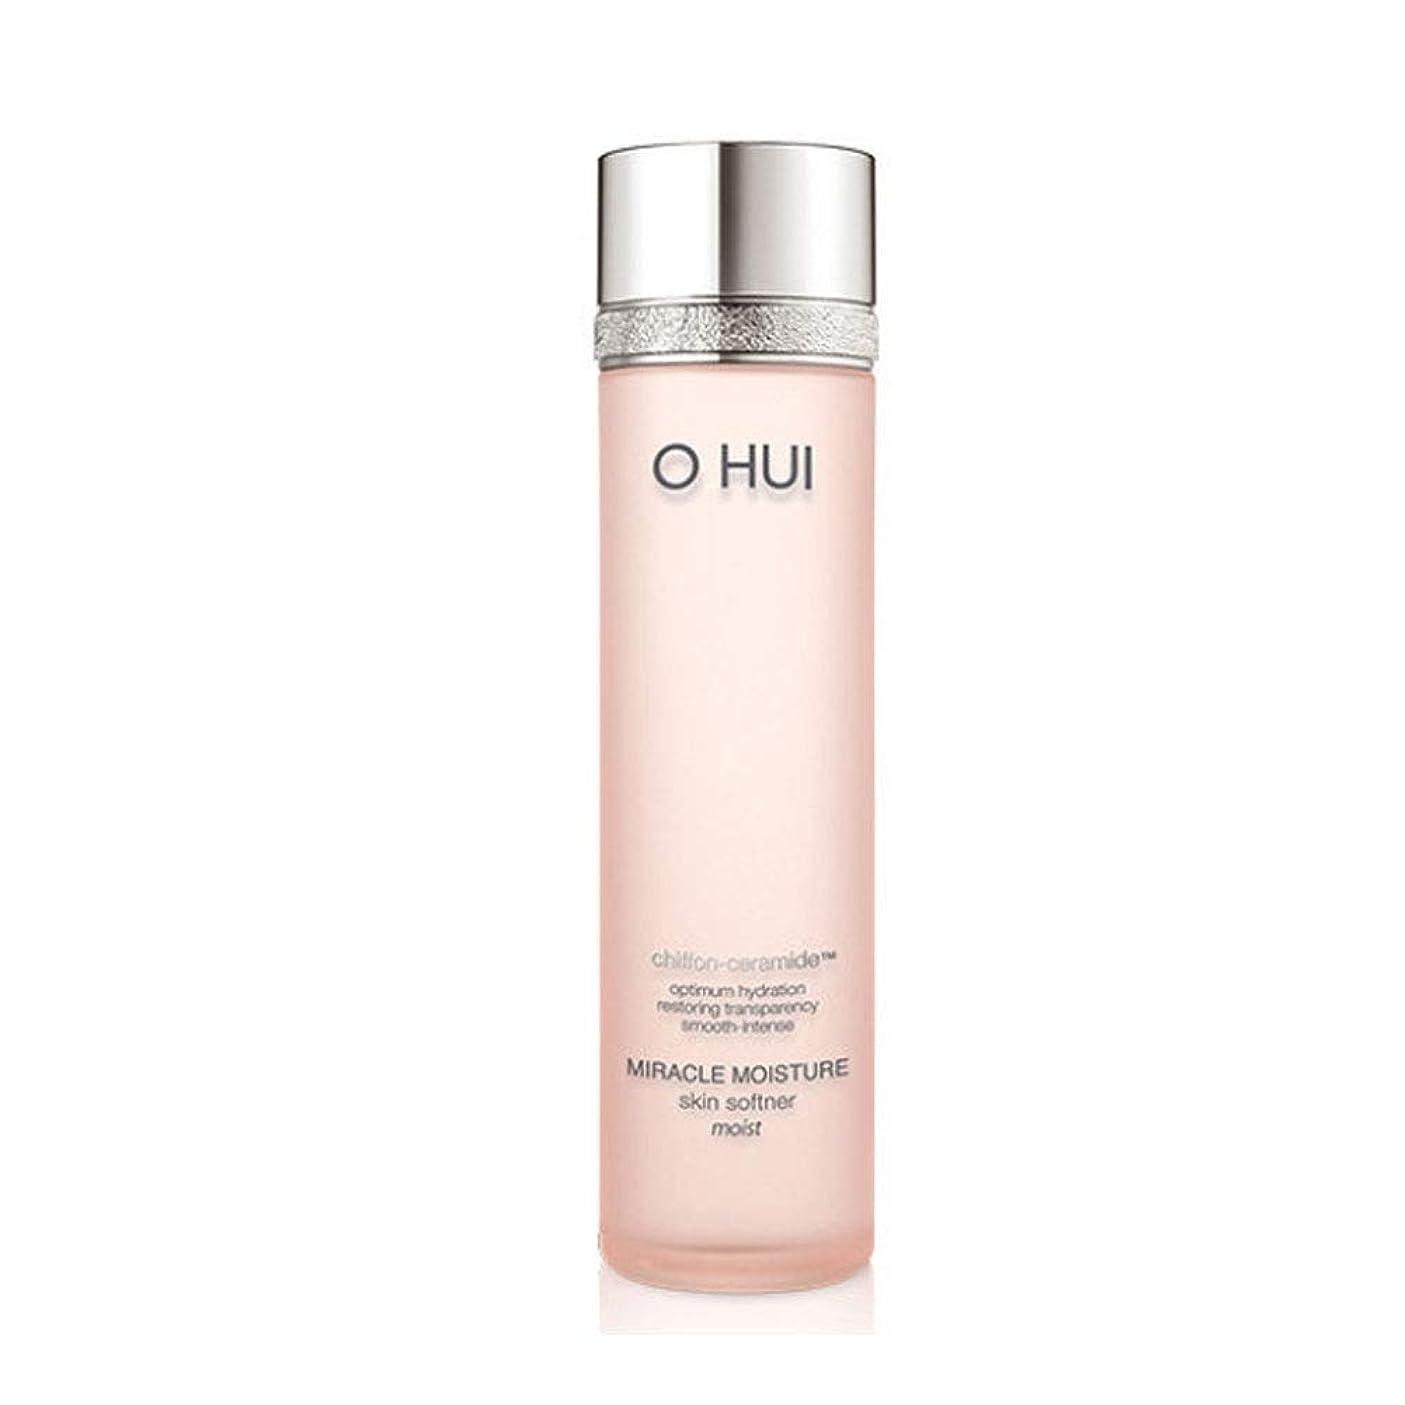 利得ボリューム行為オフィミラクルモイスチャースキンソフナー150ml、O Hui Miracle Moisture Skin Softener 150ml [並行輸入品]